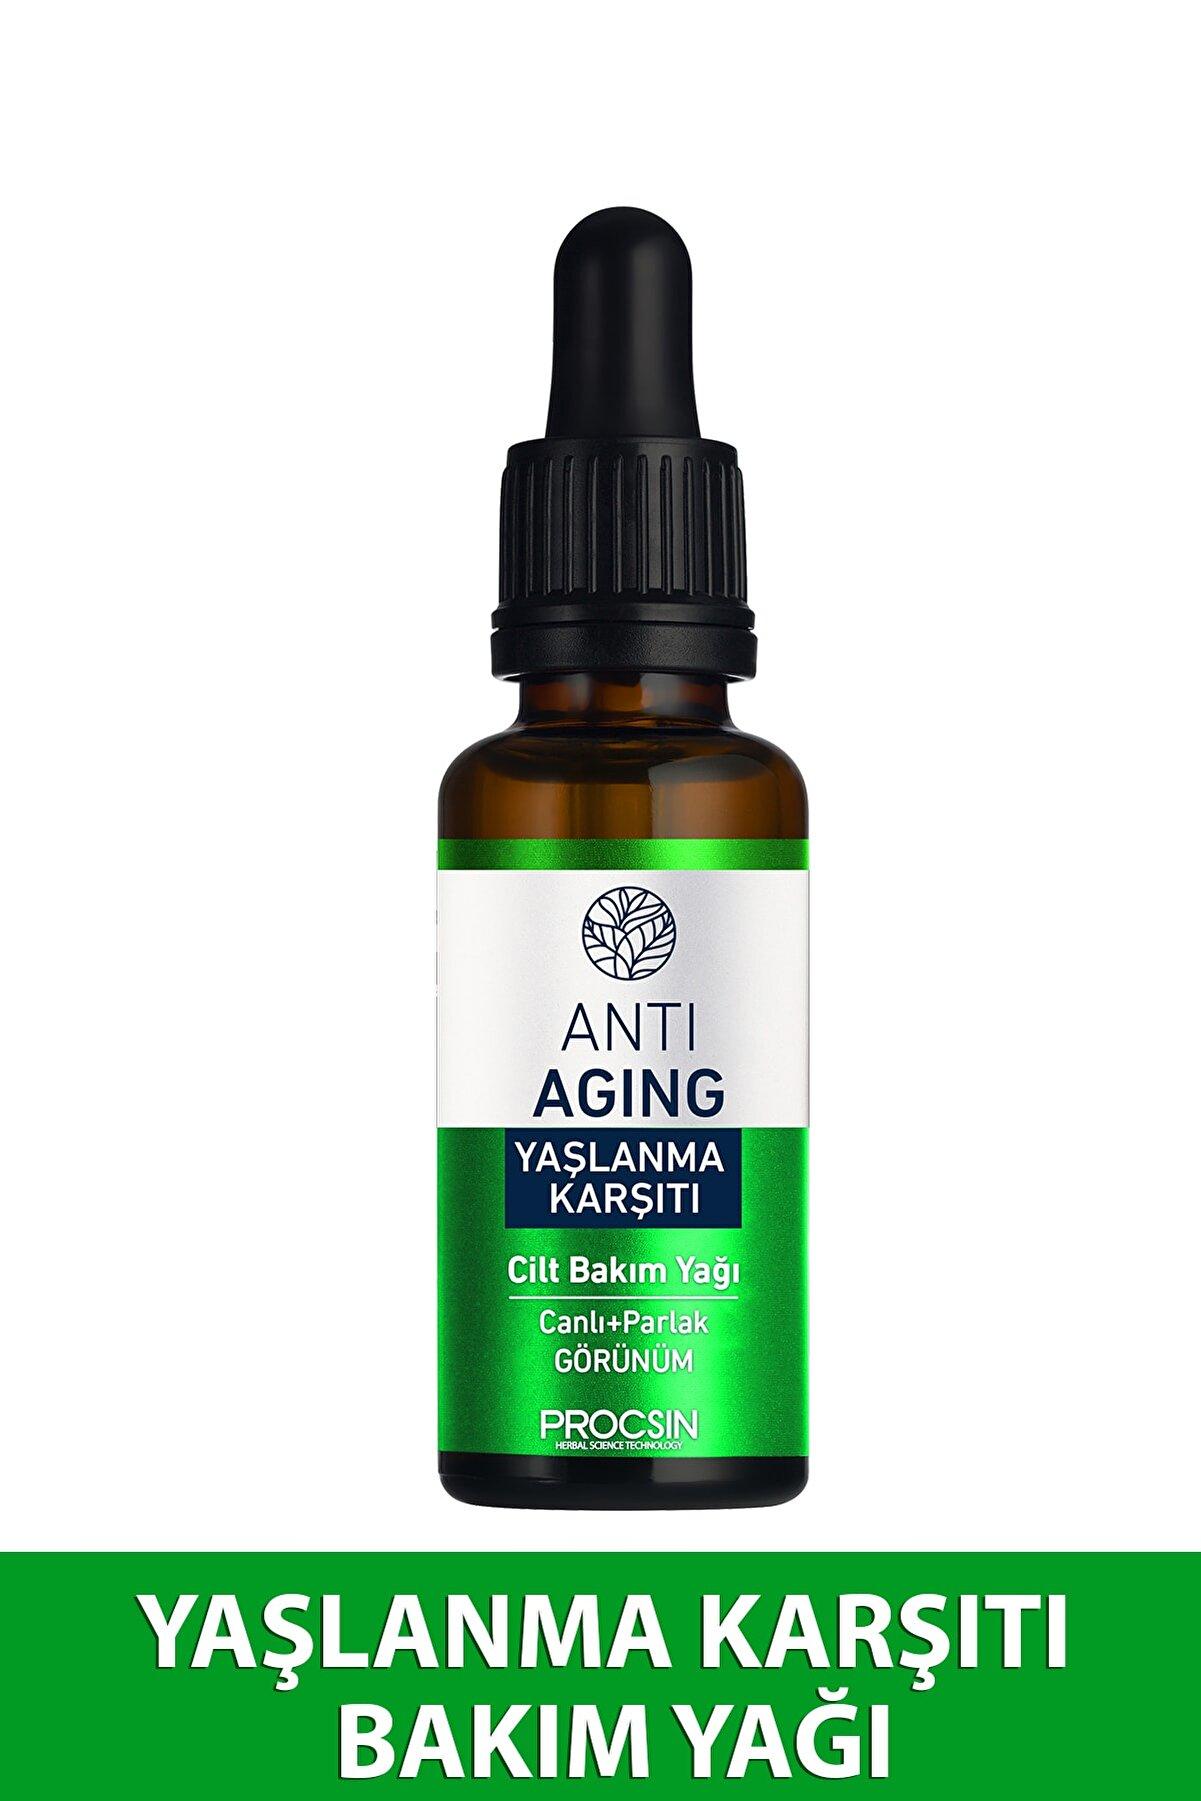 Procsin Yaşlanma Karşıtı Cilt Bakım Yağı 20 ml